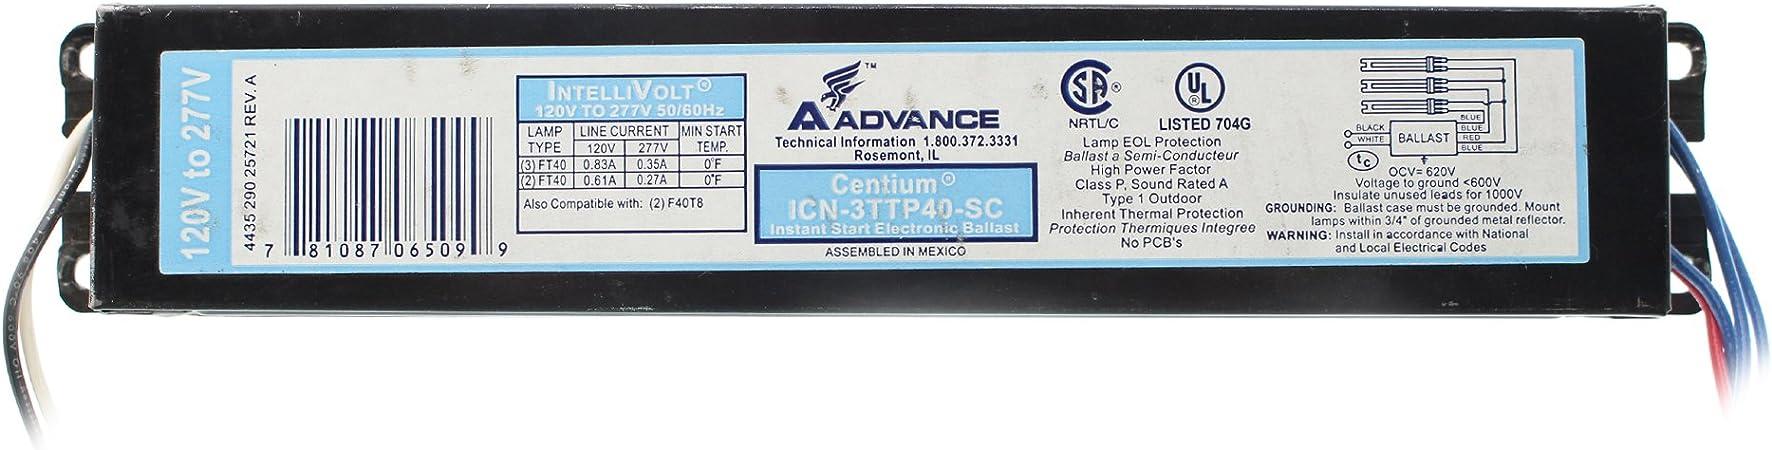 Philips ADVANCE CENTIUM ICN-2TTP40-SC BALLAST VOLT 120//277V FT40W NEW